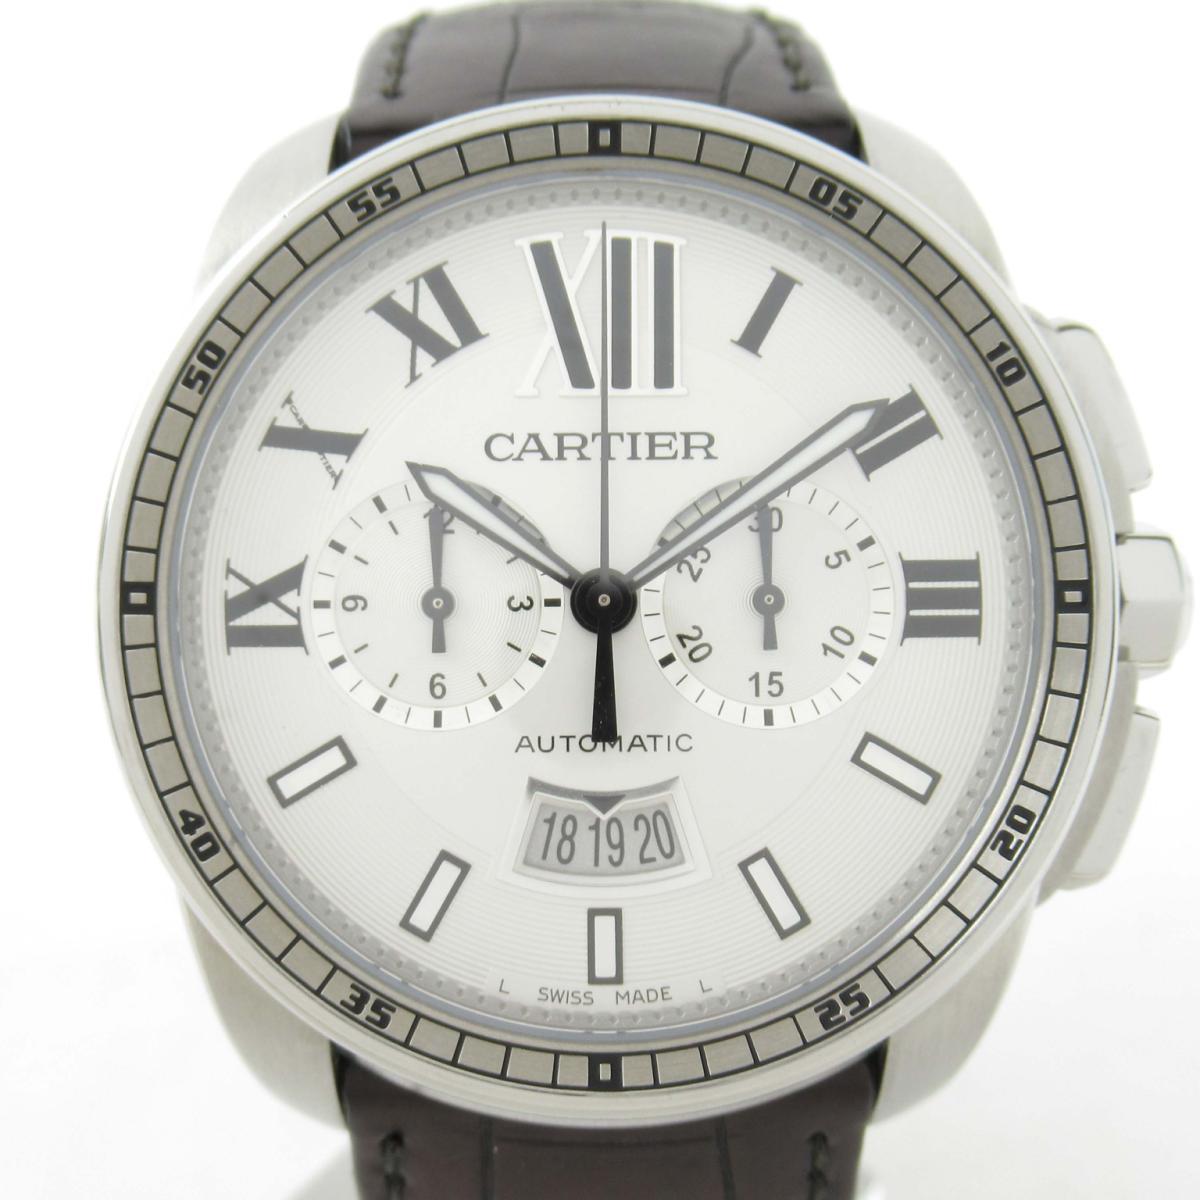 【中古】 カルティエ カリブル クロノグラフ ウォッチ 腕時計 メンズ ステンレススチール (SS) x レザーベルト (W7100046) | Cartier BRANDOFF ブランドオフ ブランド ブランド時計 ブランド腕時計 時計